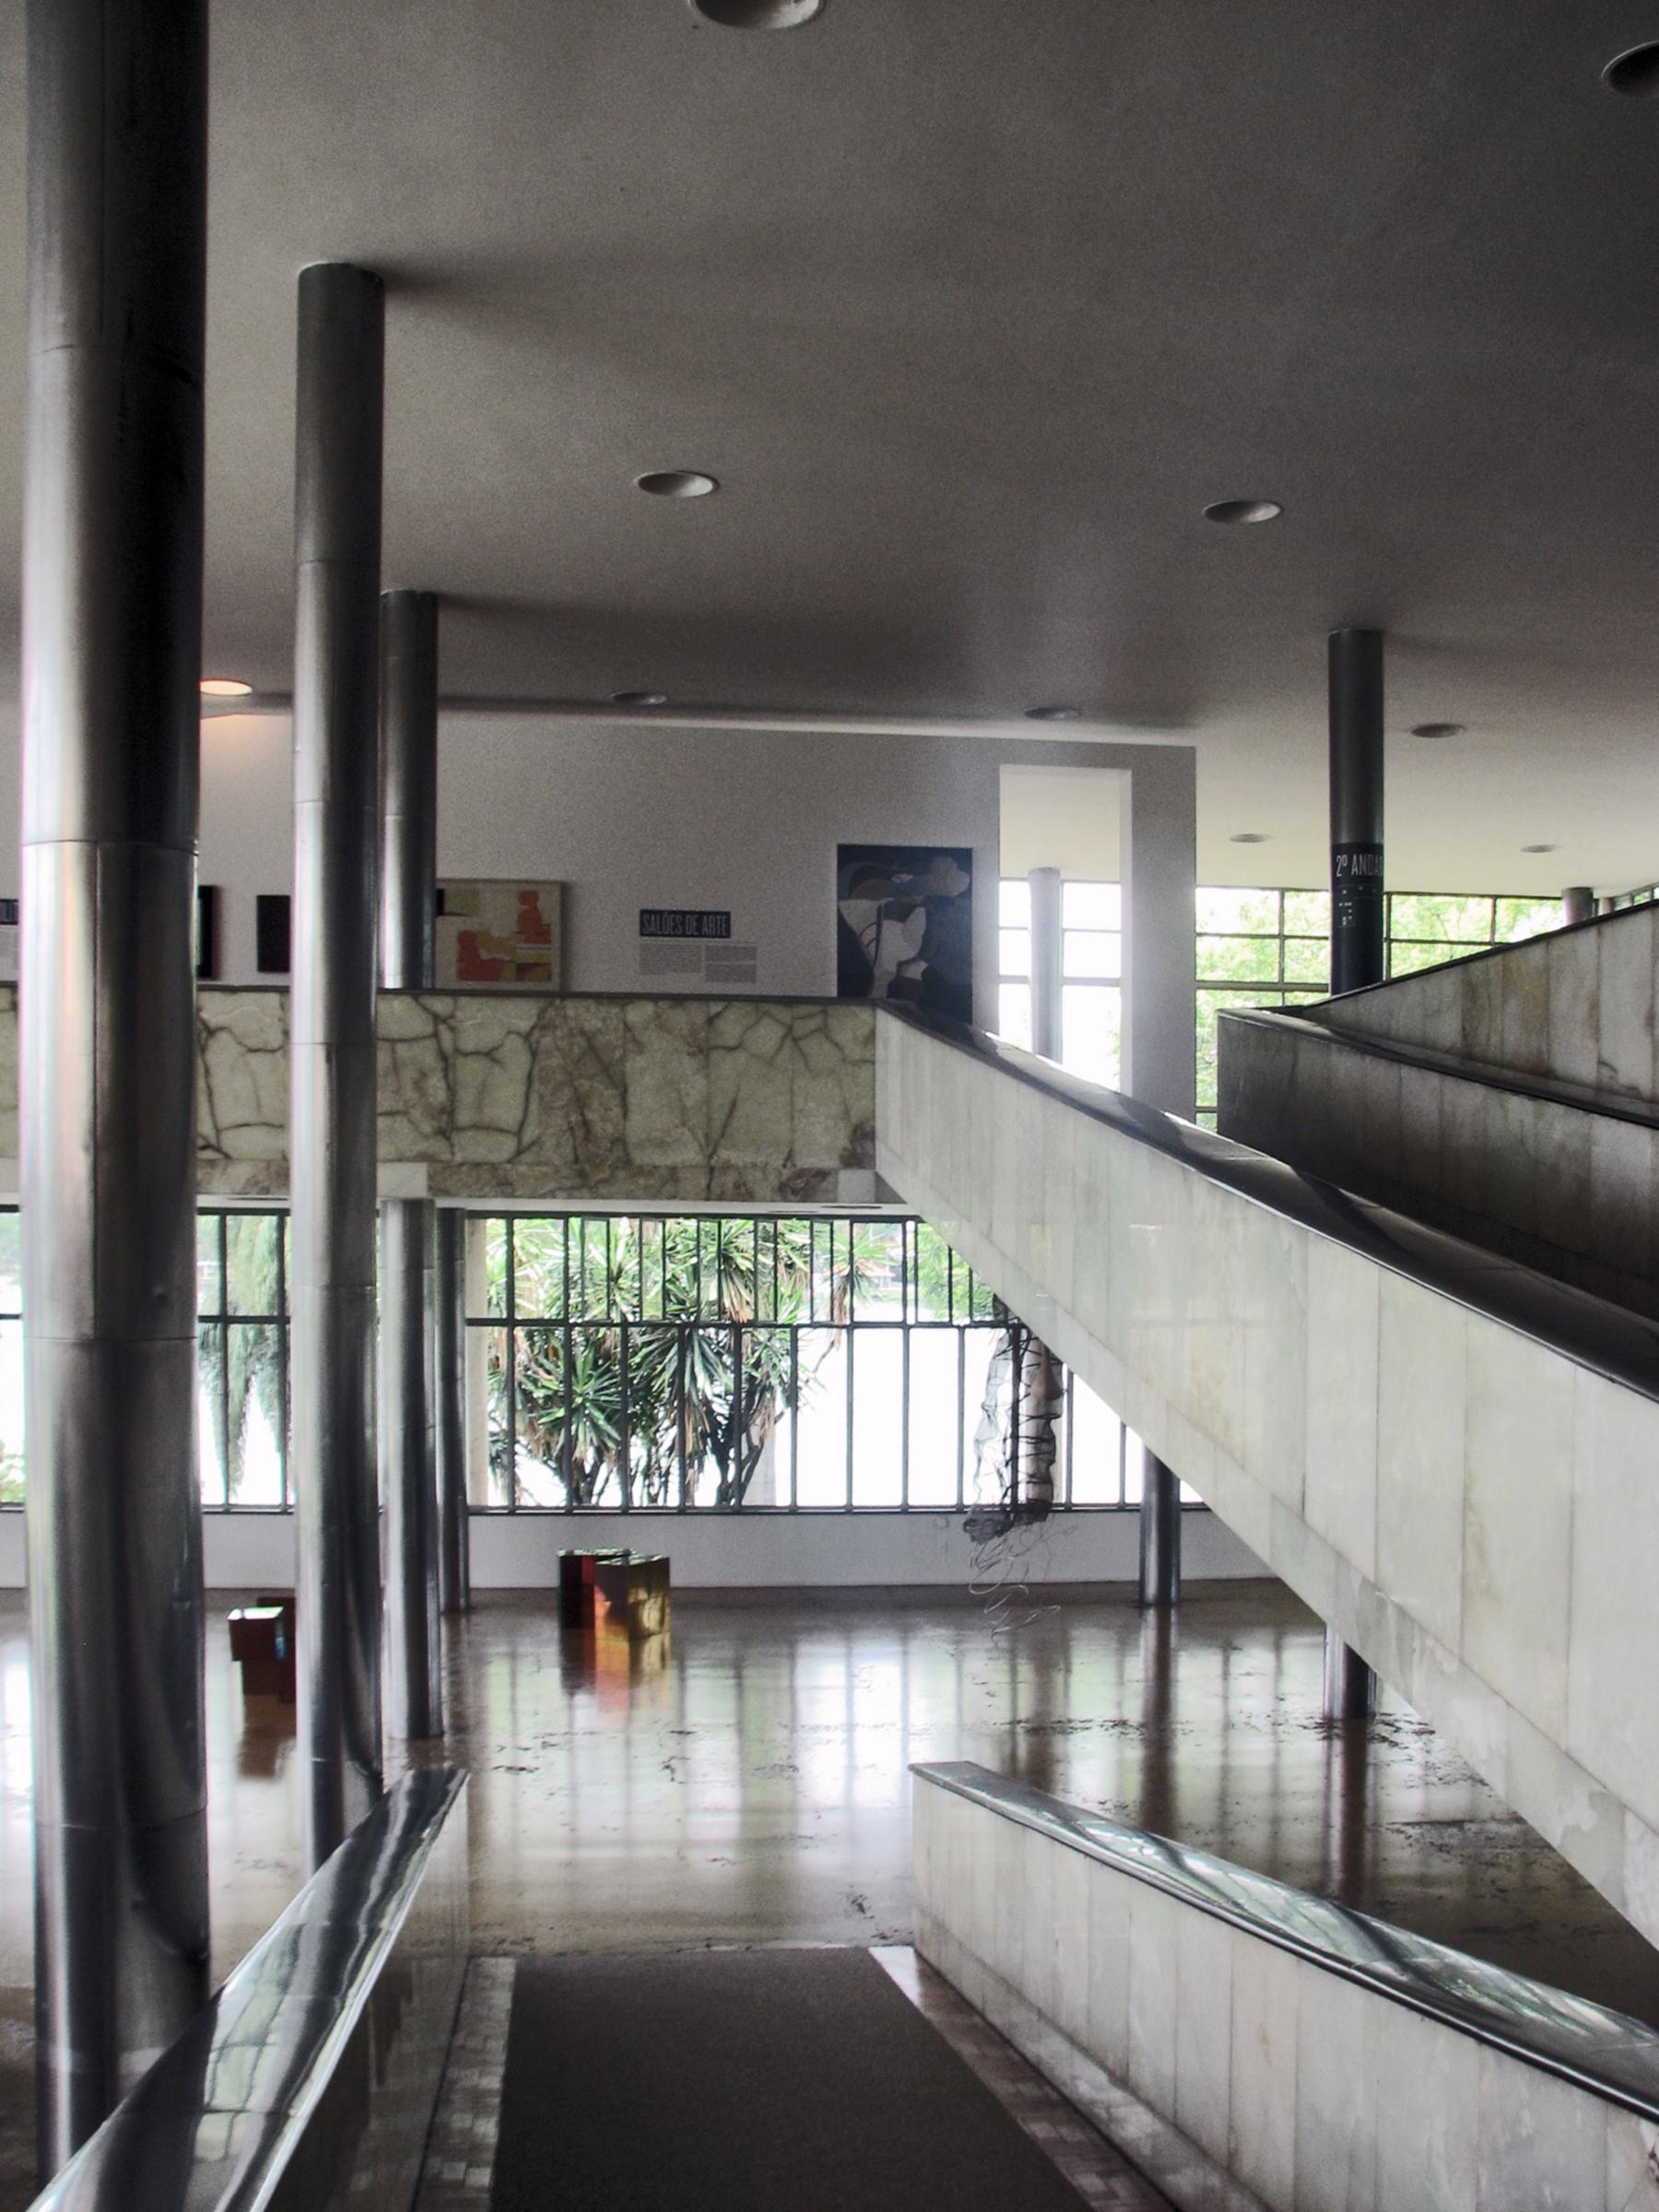 Museu de arte da pampulha arquiteto oscar niemeyer